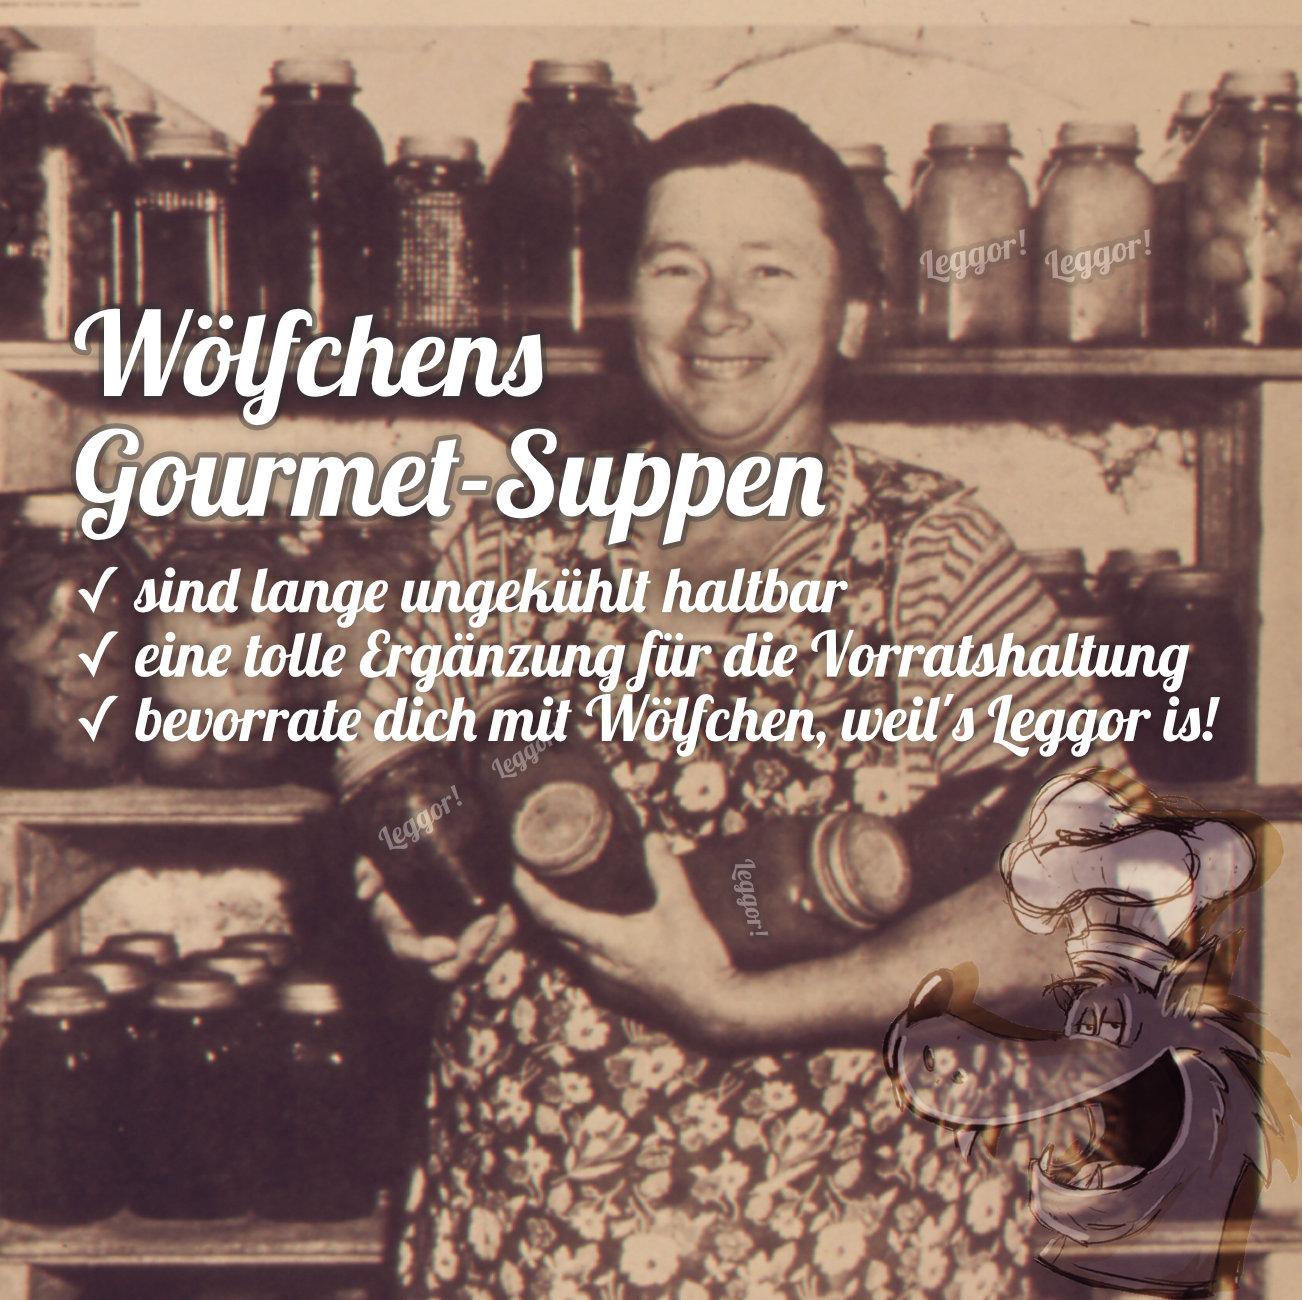 4-woelfchen-haltbare-suppen